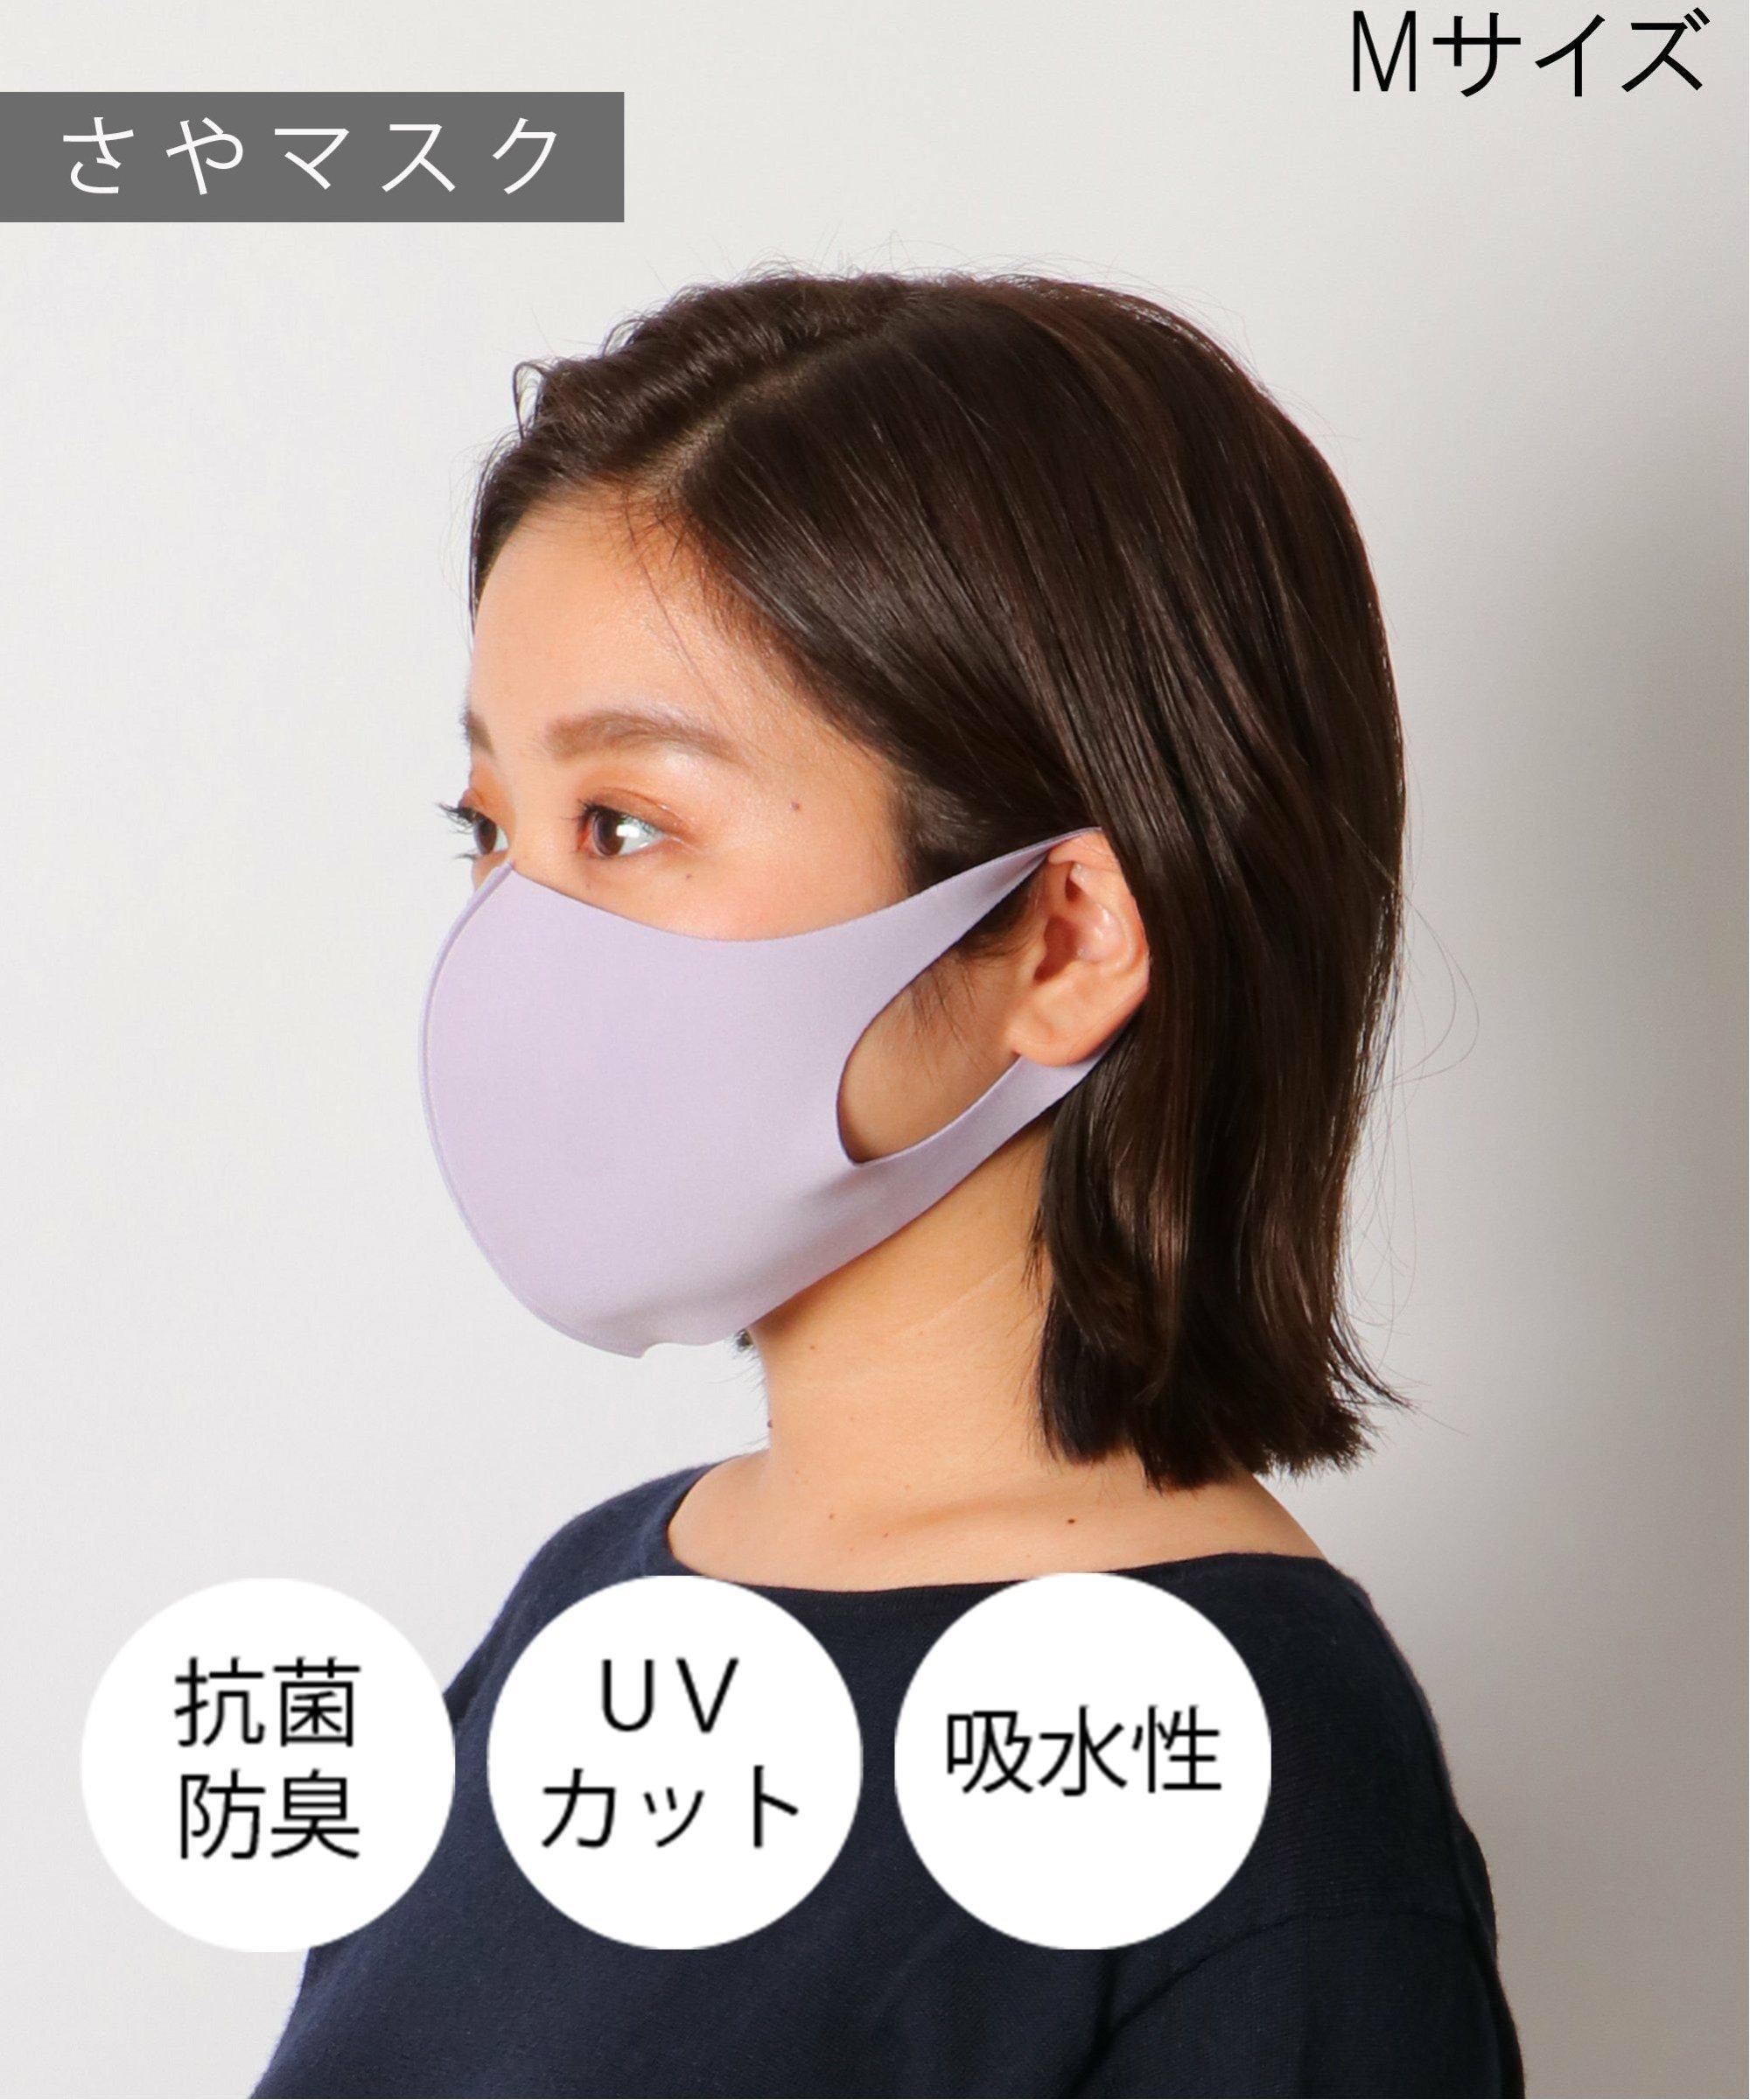 【おとな用】 清マスク(さやマスク) ソフトパープル